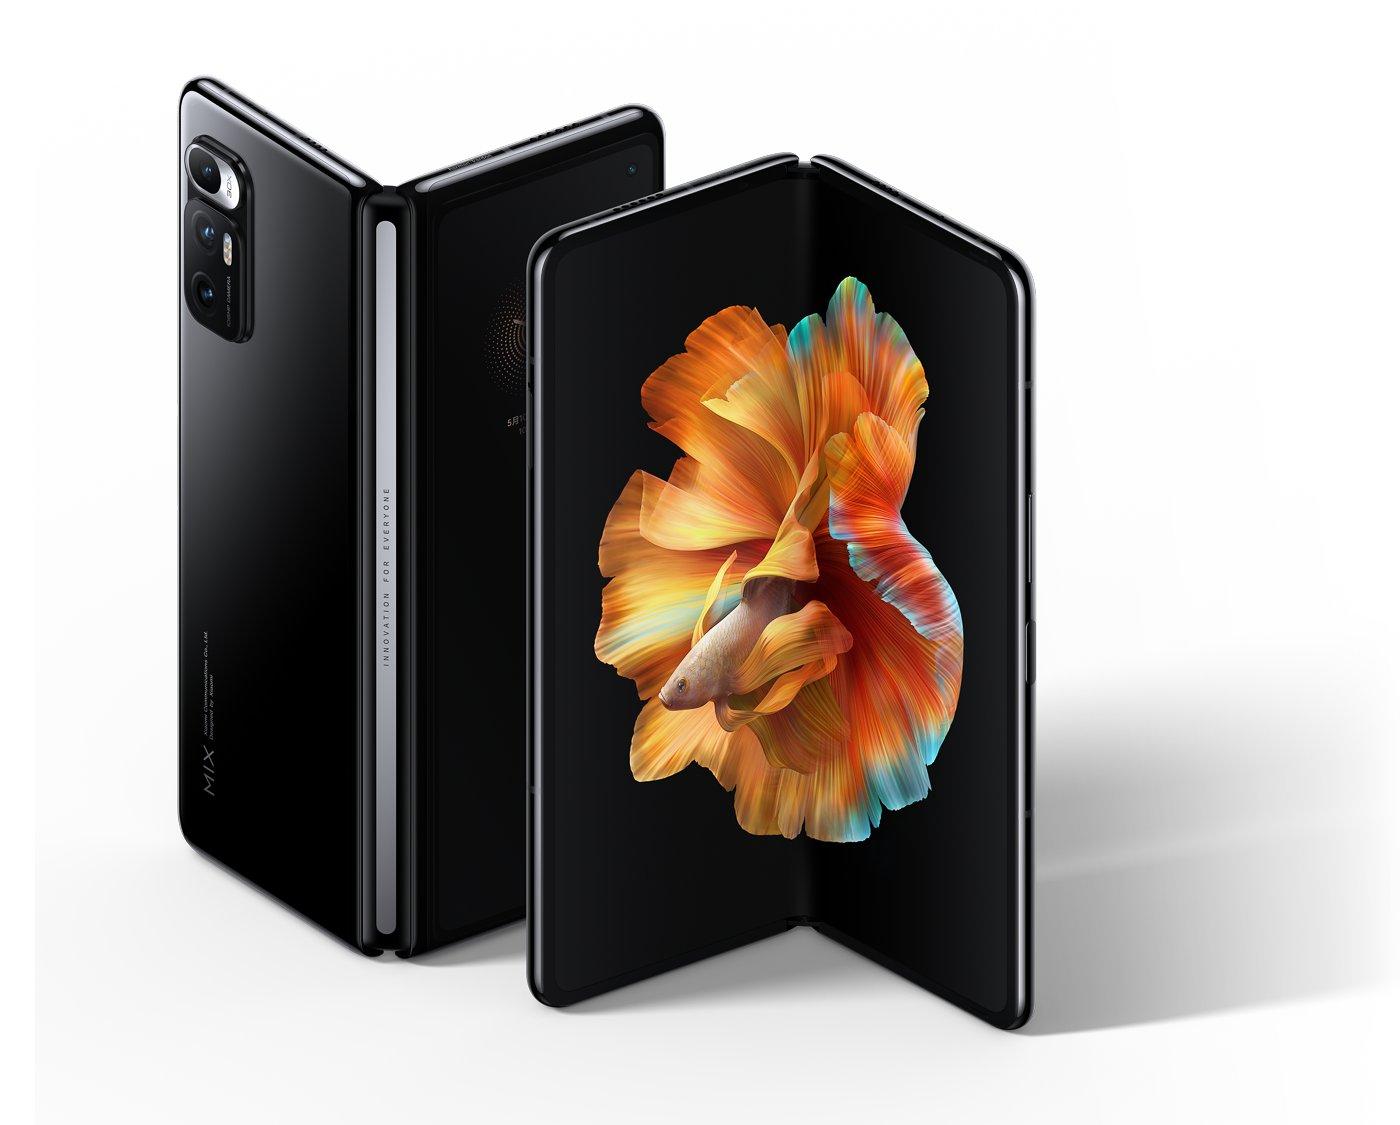 شیائومی احتمالا در حال توسعه فناوری شارژ سریع بیسیم برای گوشیهای تاشو است